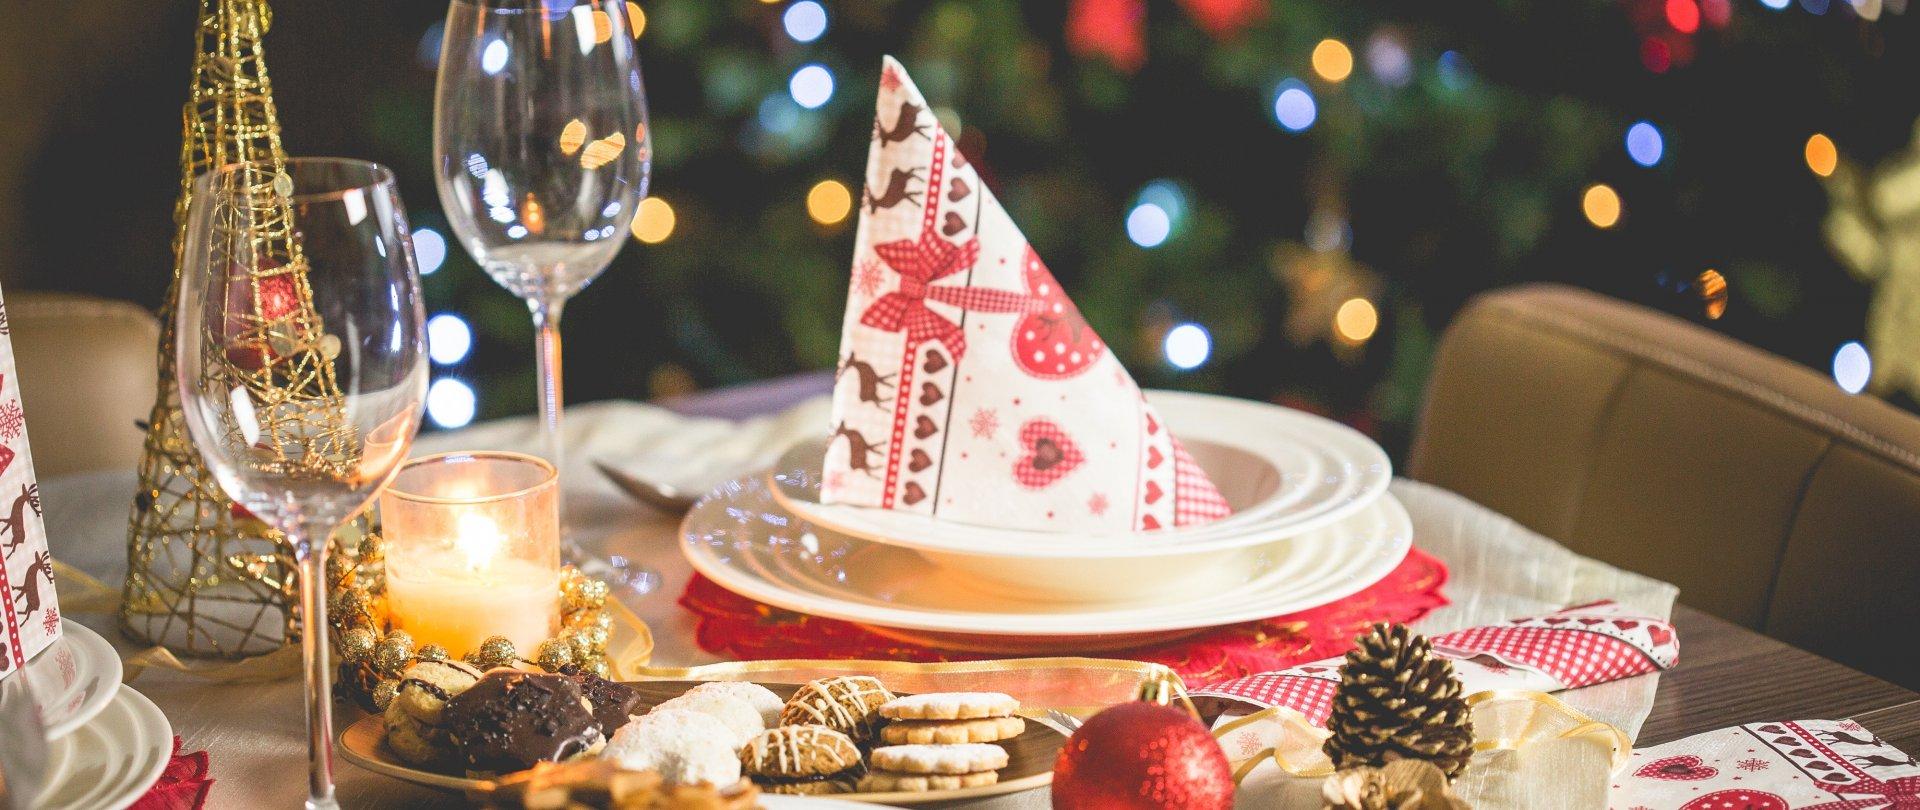 Podsumowanie Świąt Bożego Narodzenia i Sylwestra w Dworzysku